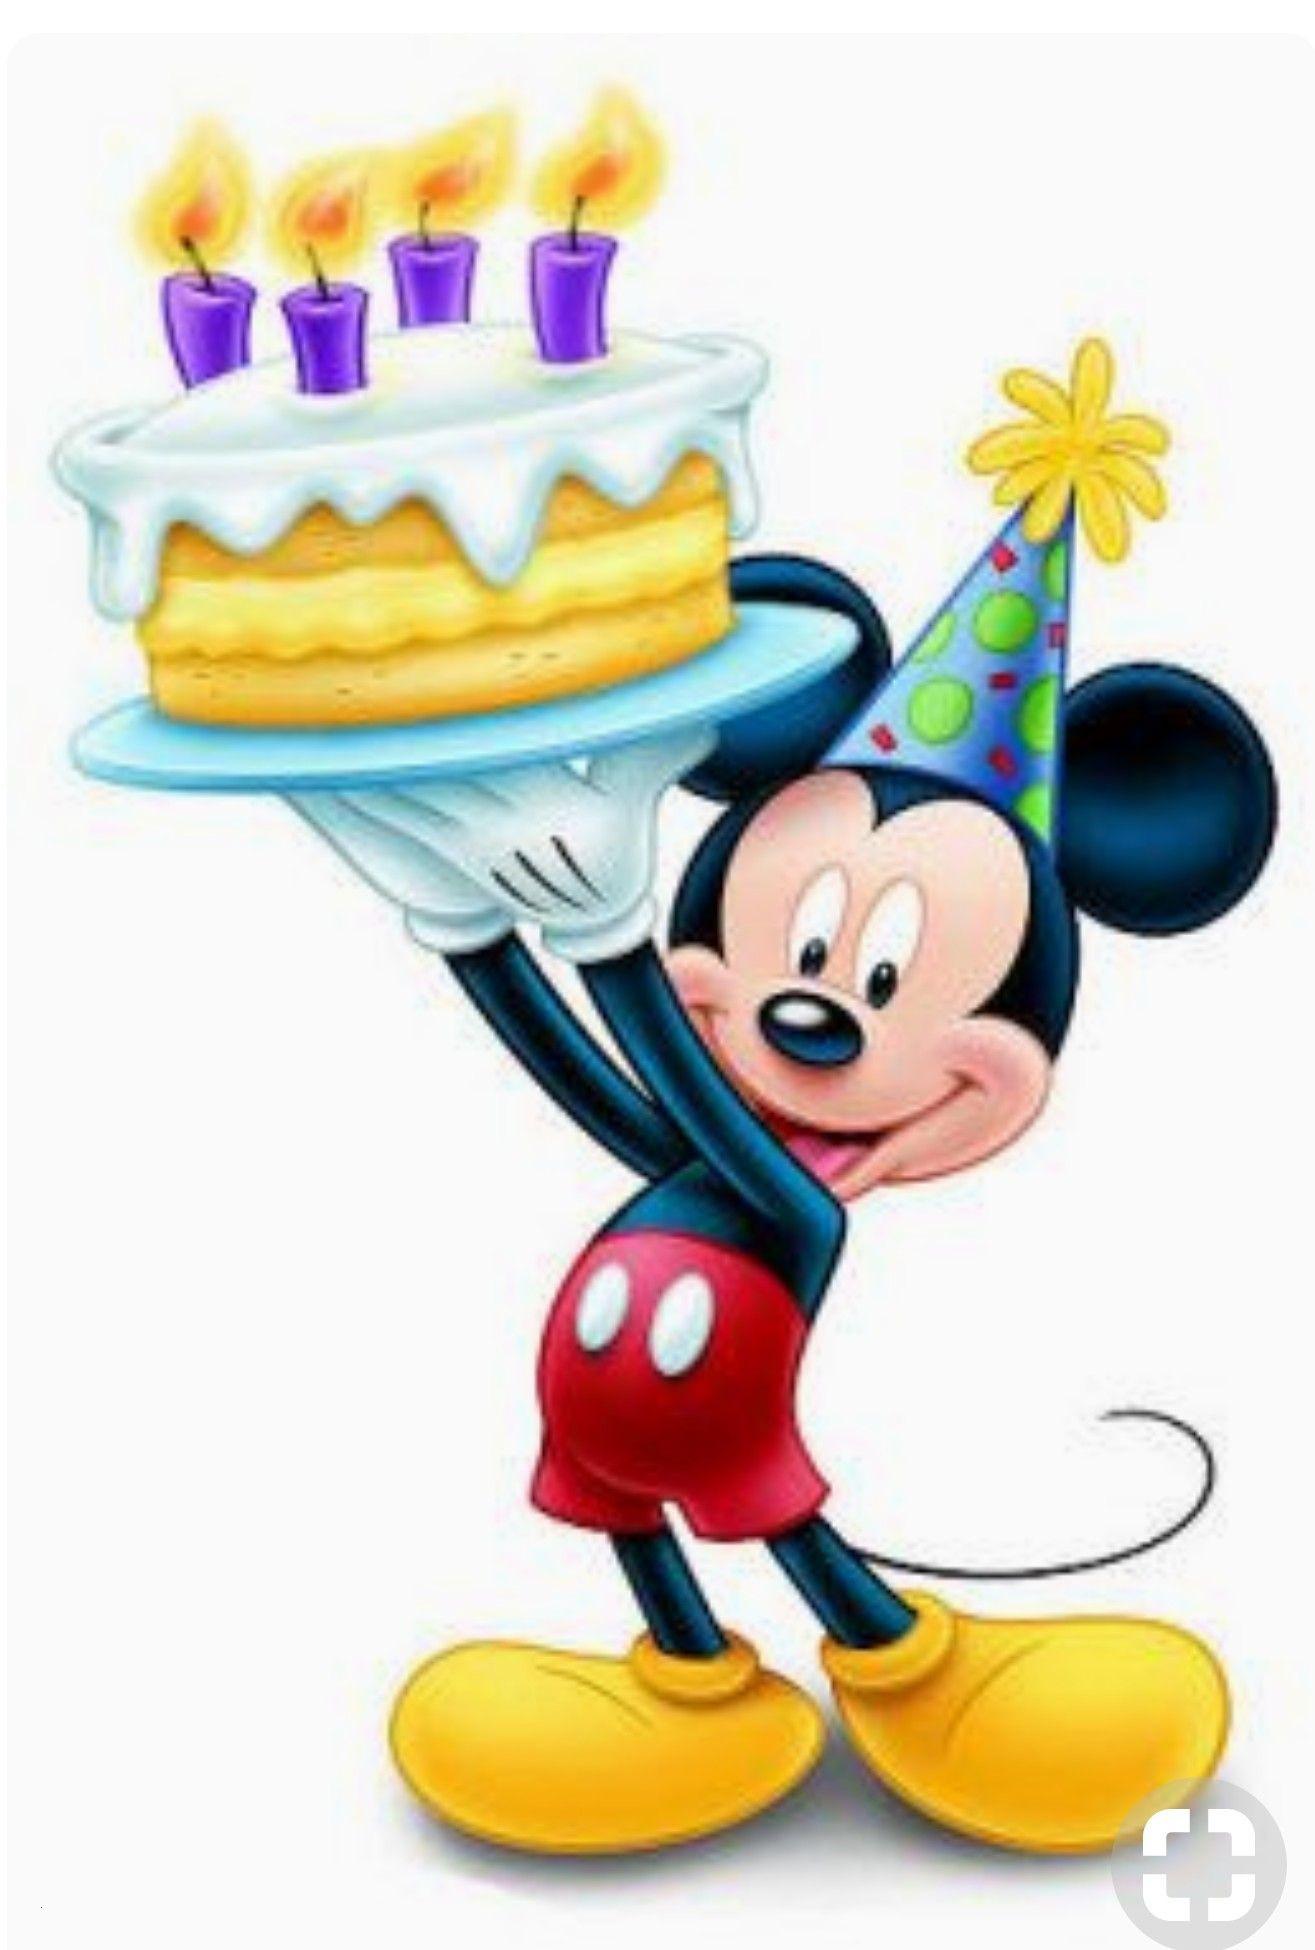 Micky Maus Wunderhaus Ausmalbilder Neu Pin Von Siva Sachin Auf Stuff to Neu Malvorlagen Mickey Mouse Das Bild